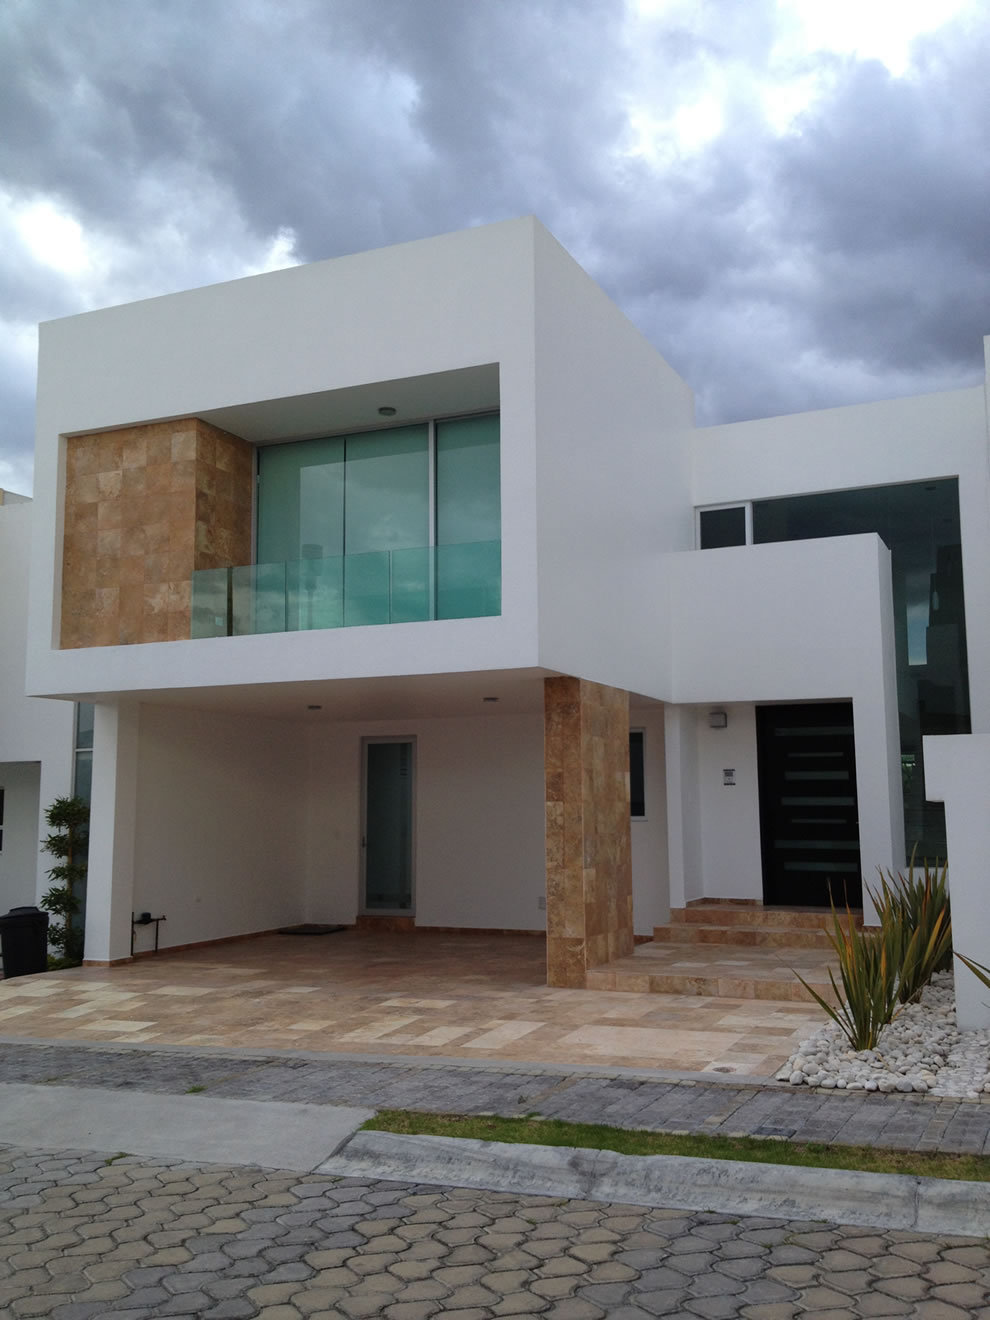 Jp proyectos compra venta renta y administraci n de for Casa mansion puebla